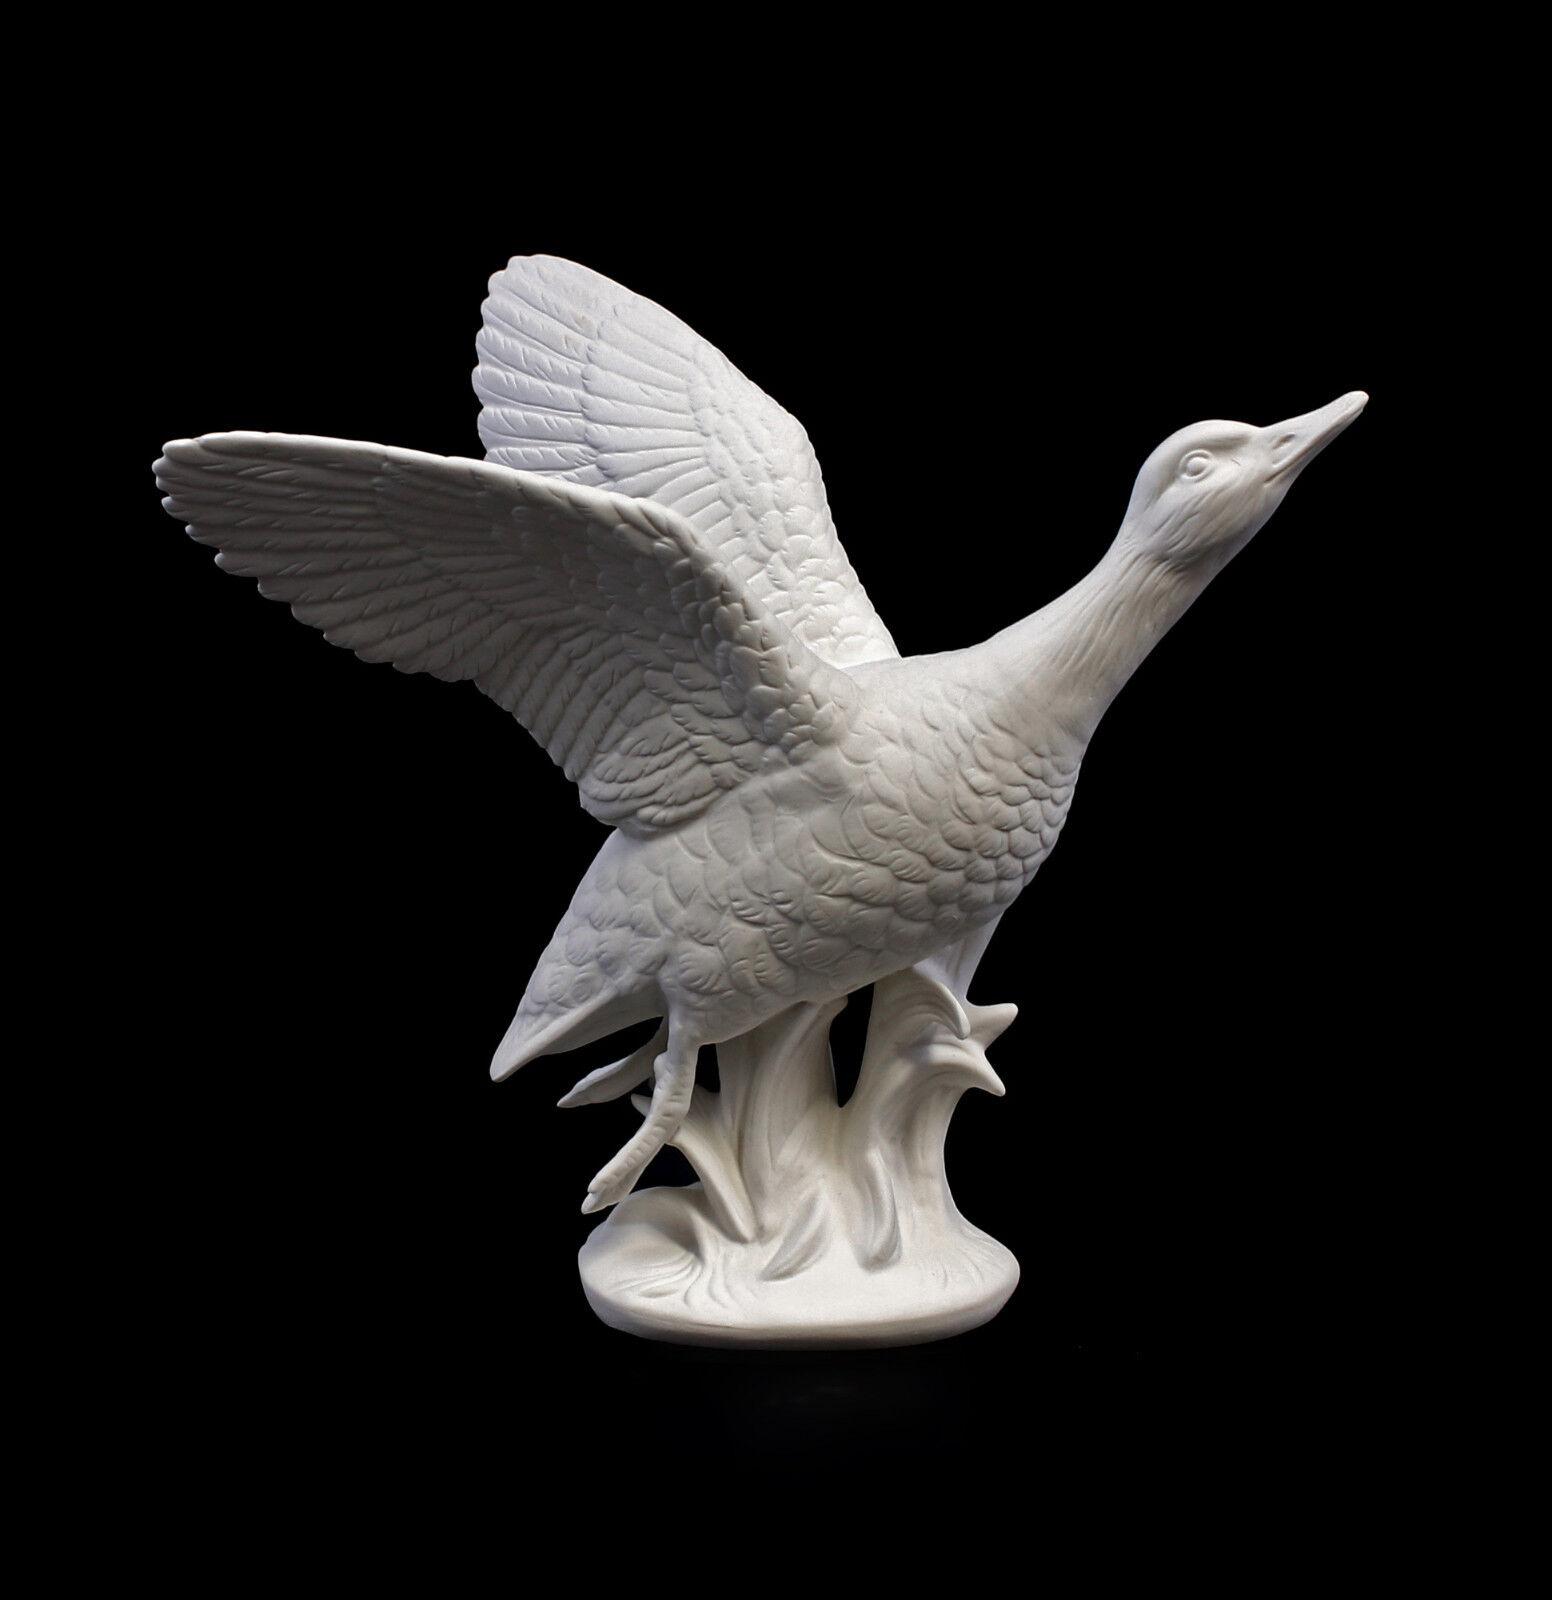 9959280 Porzellan Figur Ente fliegend weiß bisquit Ens H16cm